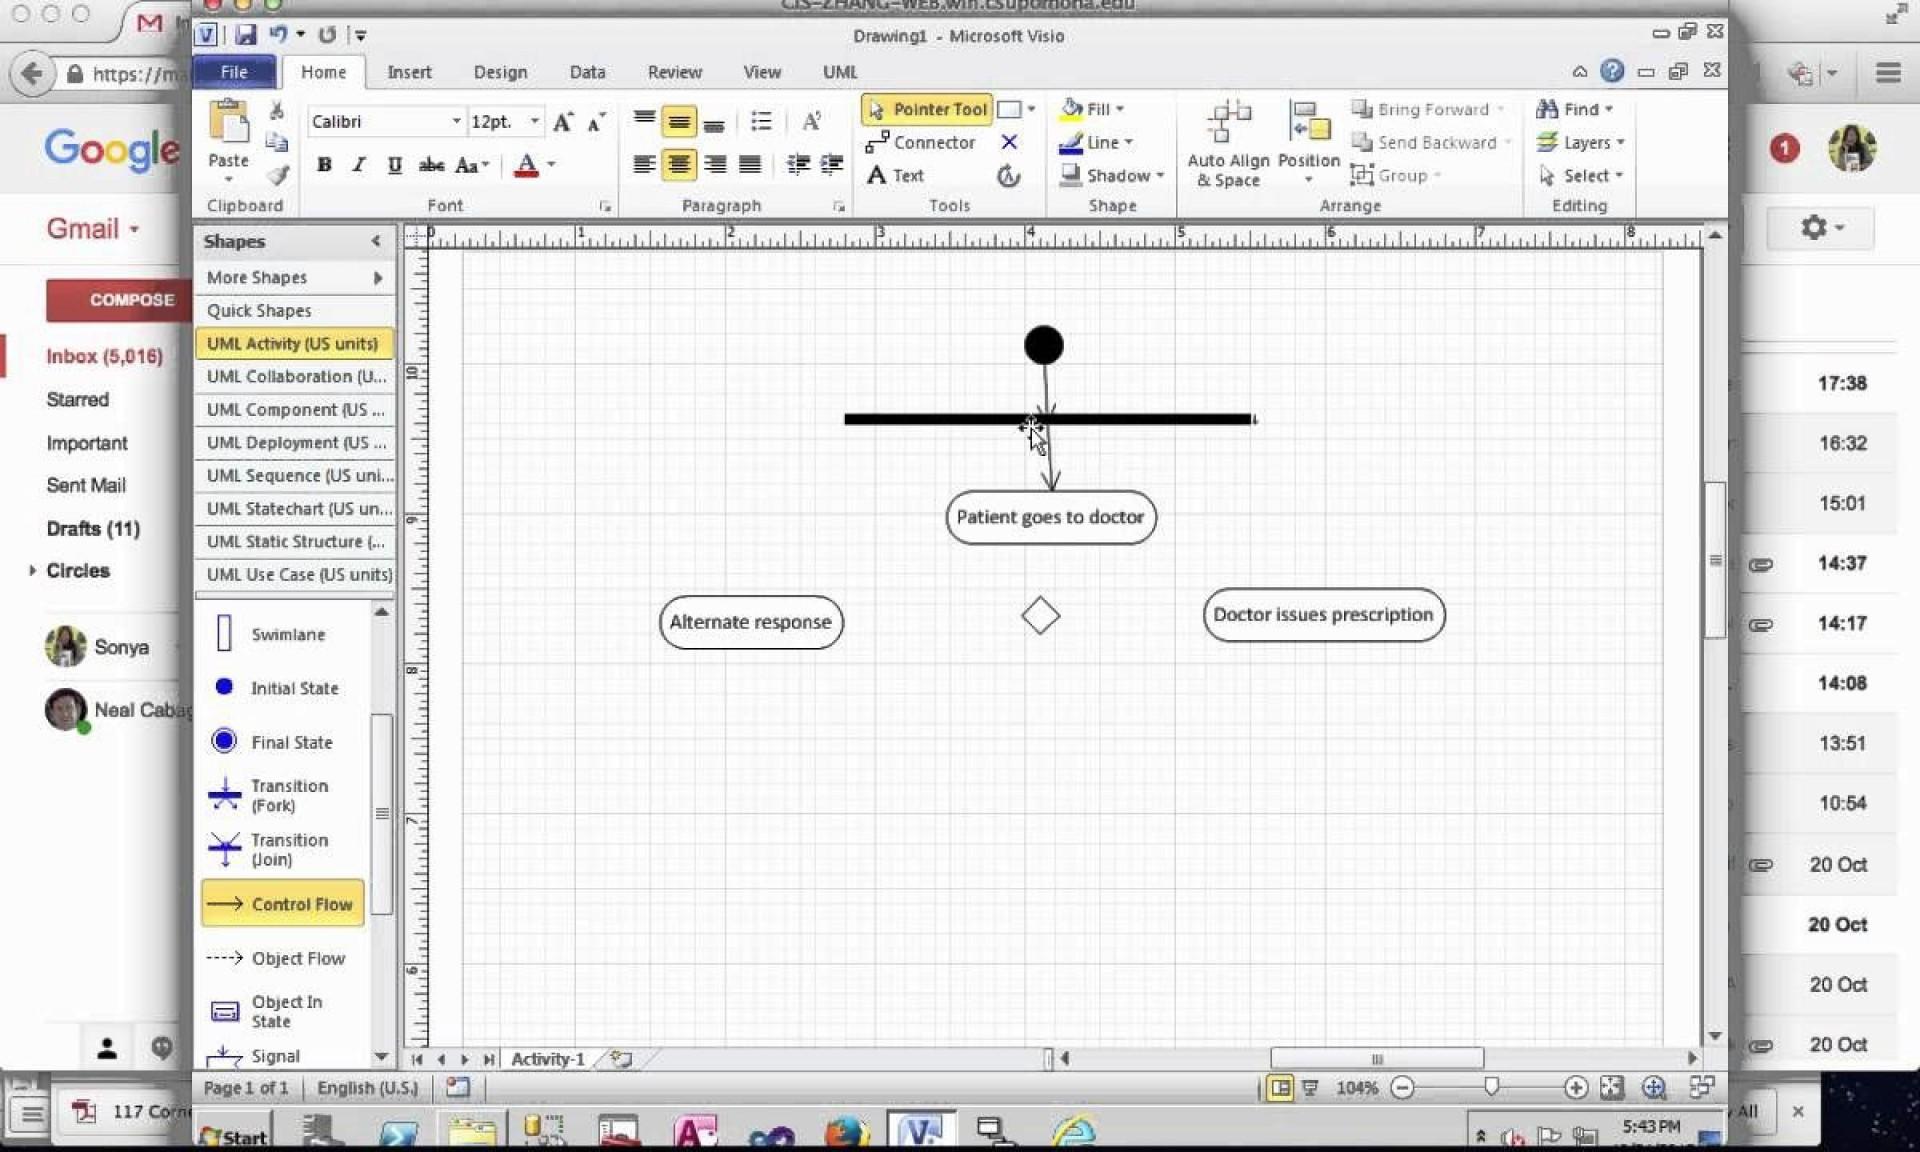 006 Unique Use Case Diagram Microsoft Visio 2010 Example 1920